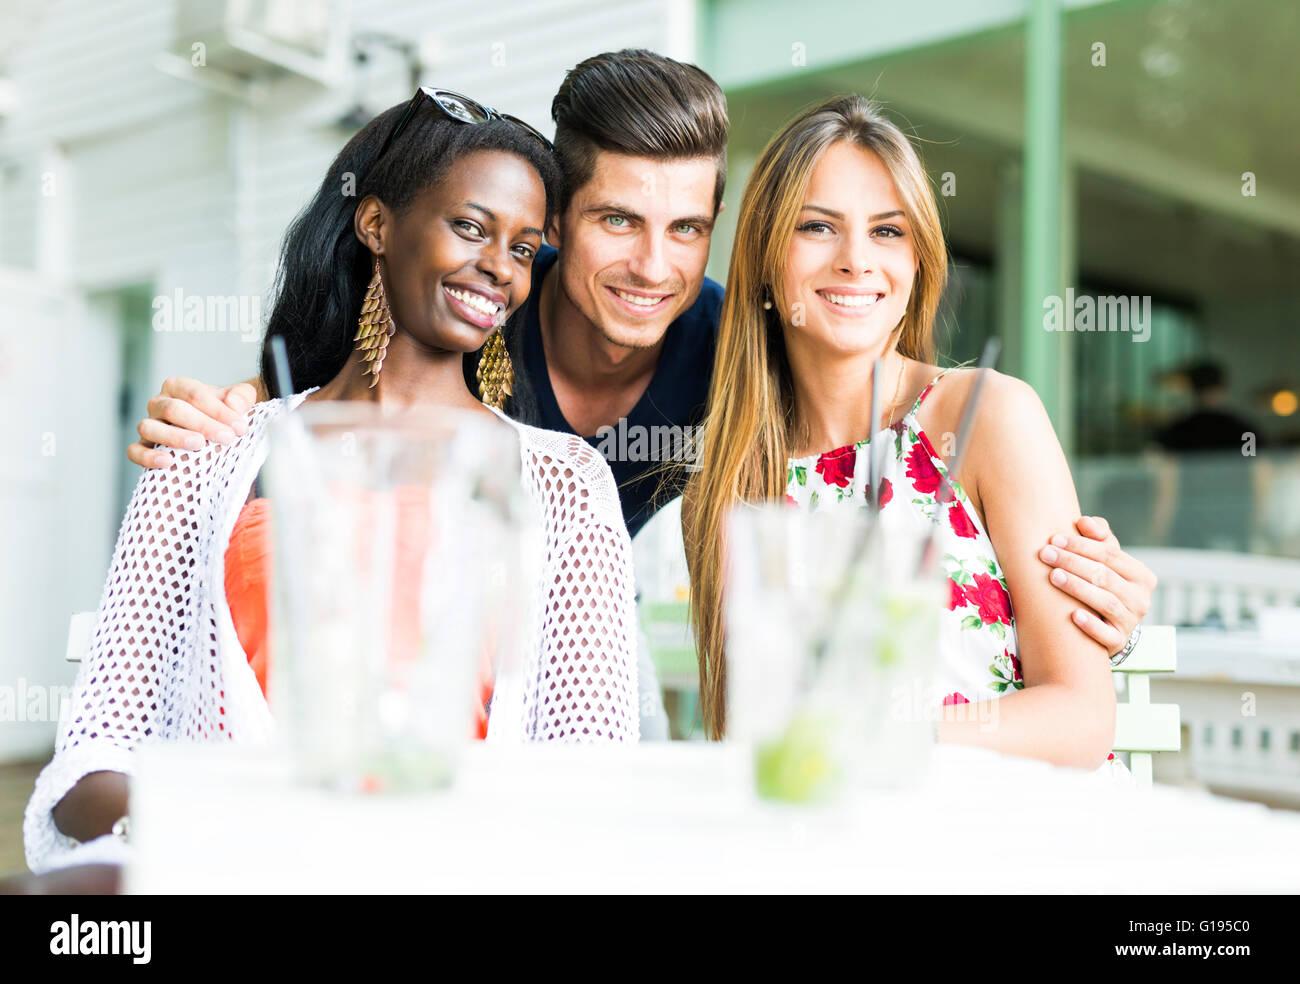 Happy friends smiling outdoors étant proches les uns des autres sur une journée d'été Banque D'Images